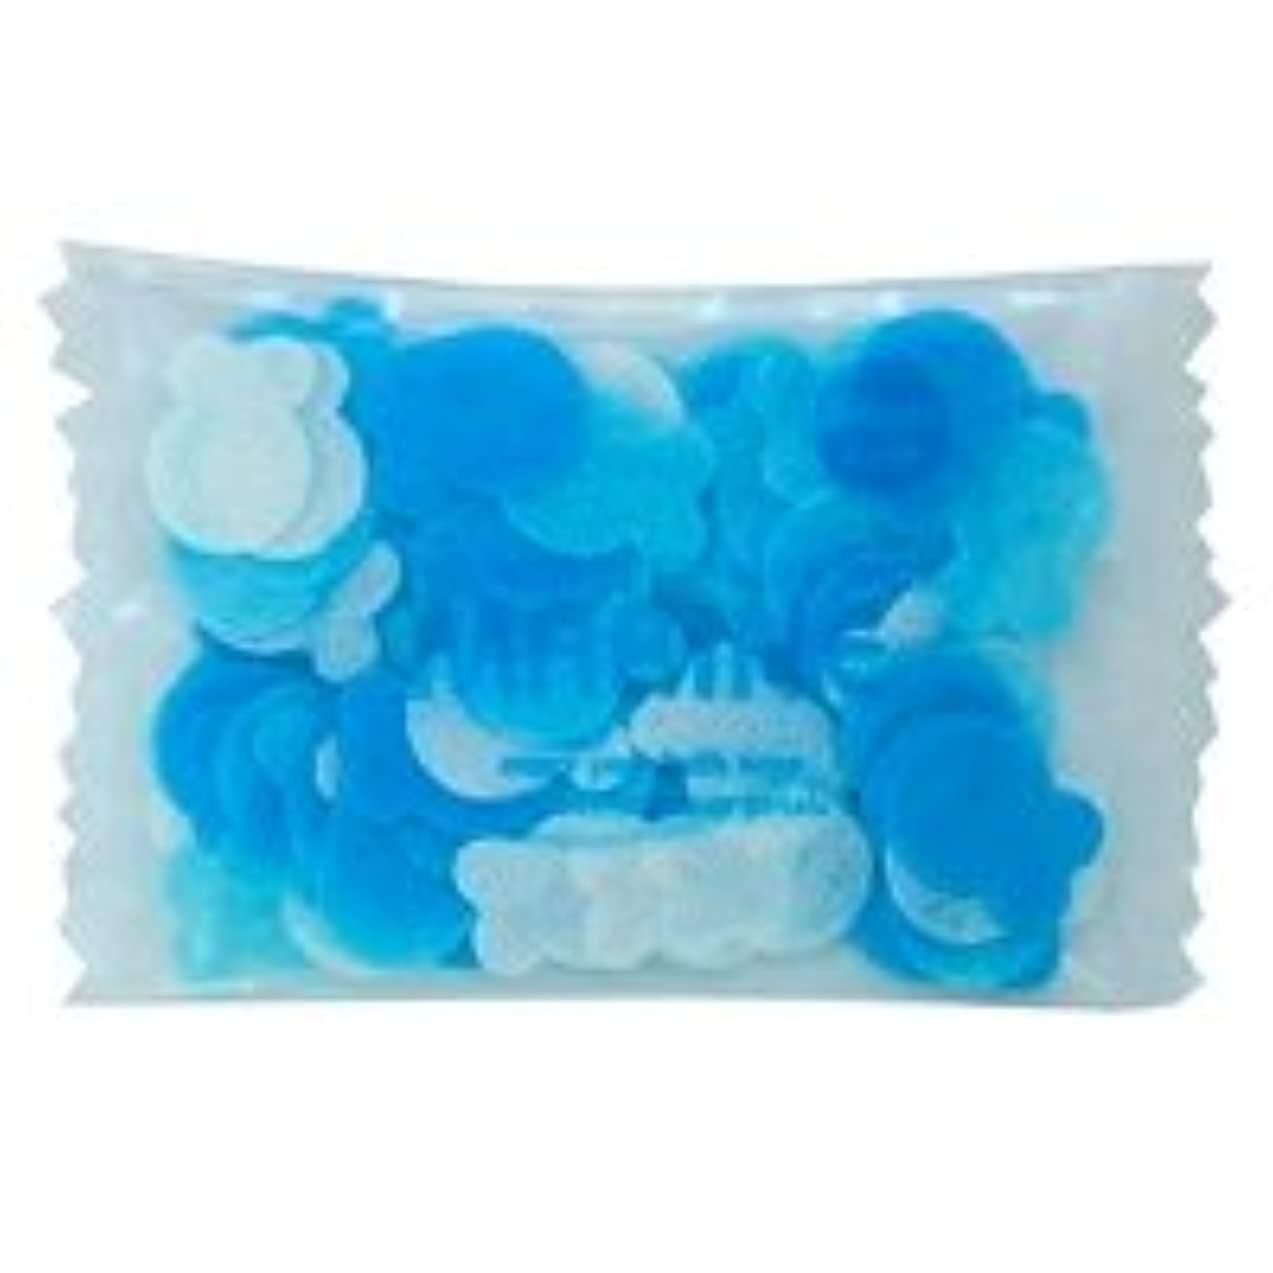 明るいビット剥離フラワーペタル バブルバス ミニパック「マリン」20個セット 穏やかで優しい気持ちになりたい日に心をなごませてくれる爽やかなマリンの香り